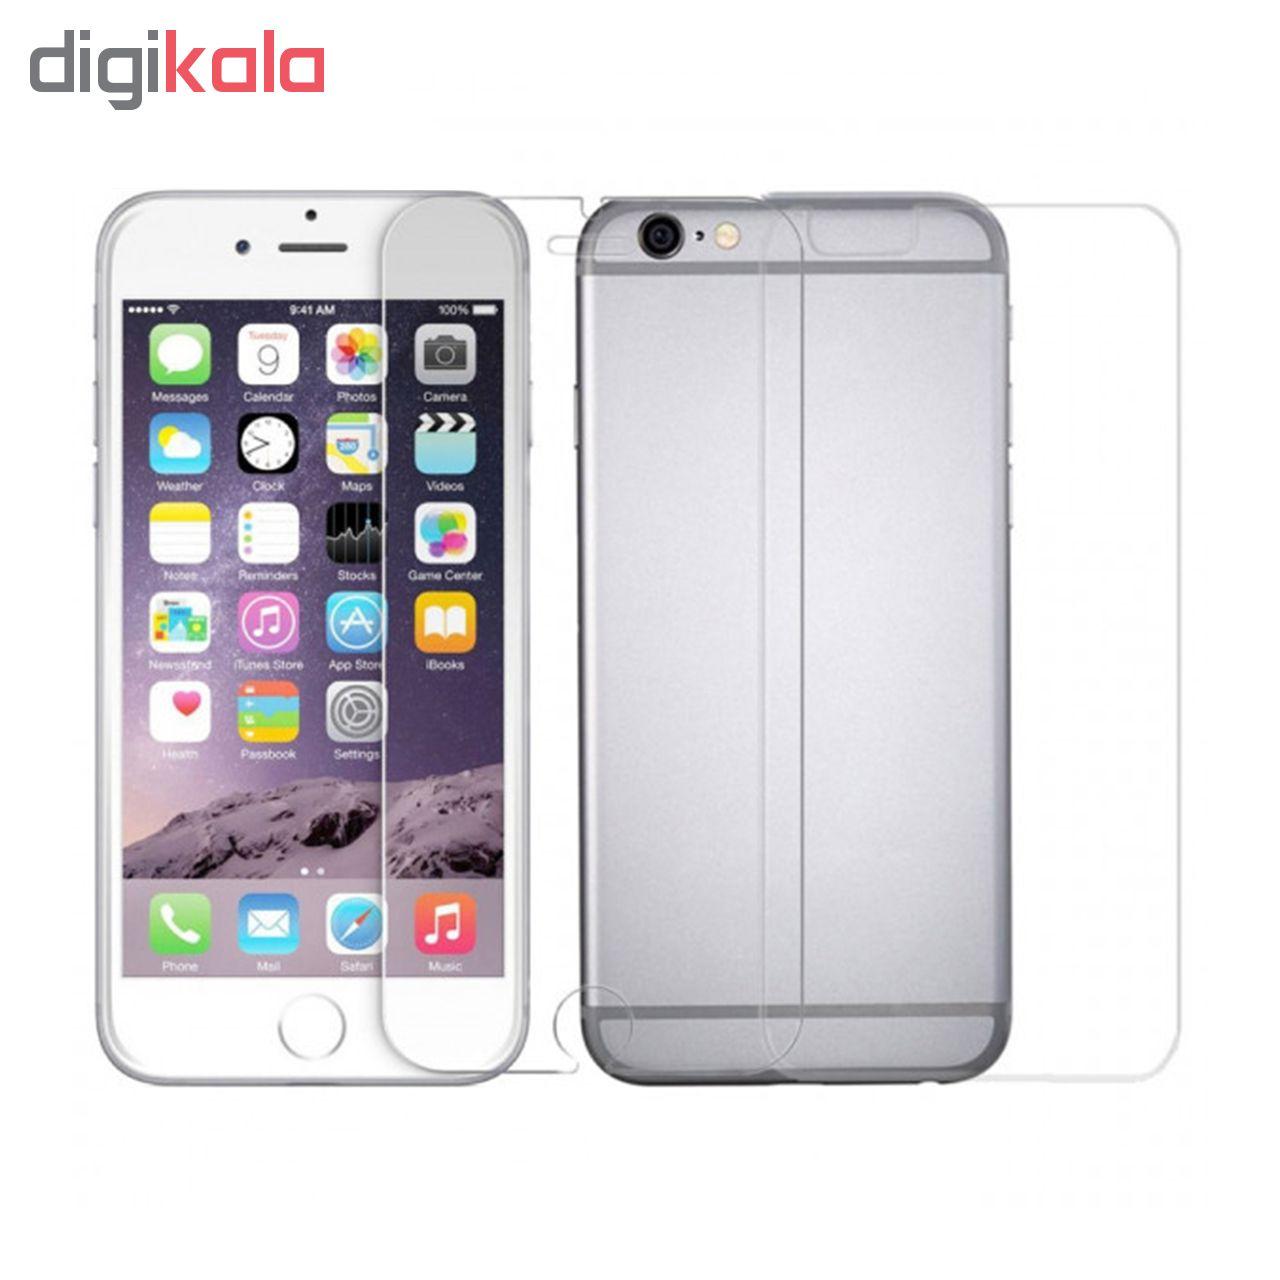 محافظ صفحه نمایش و پشت گوشی مدل TP-01 مناسب برای گوشی موبایل اپل  iPhone 6 plus/6s plus main 1 1